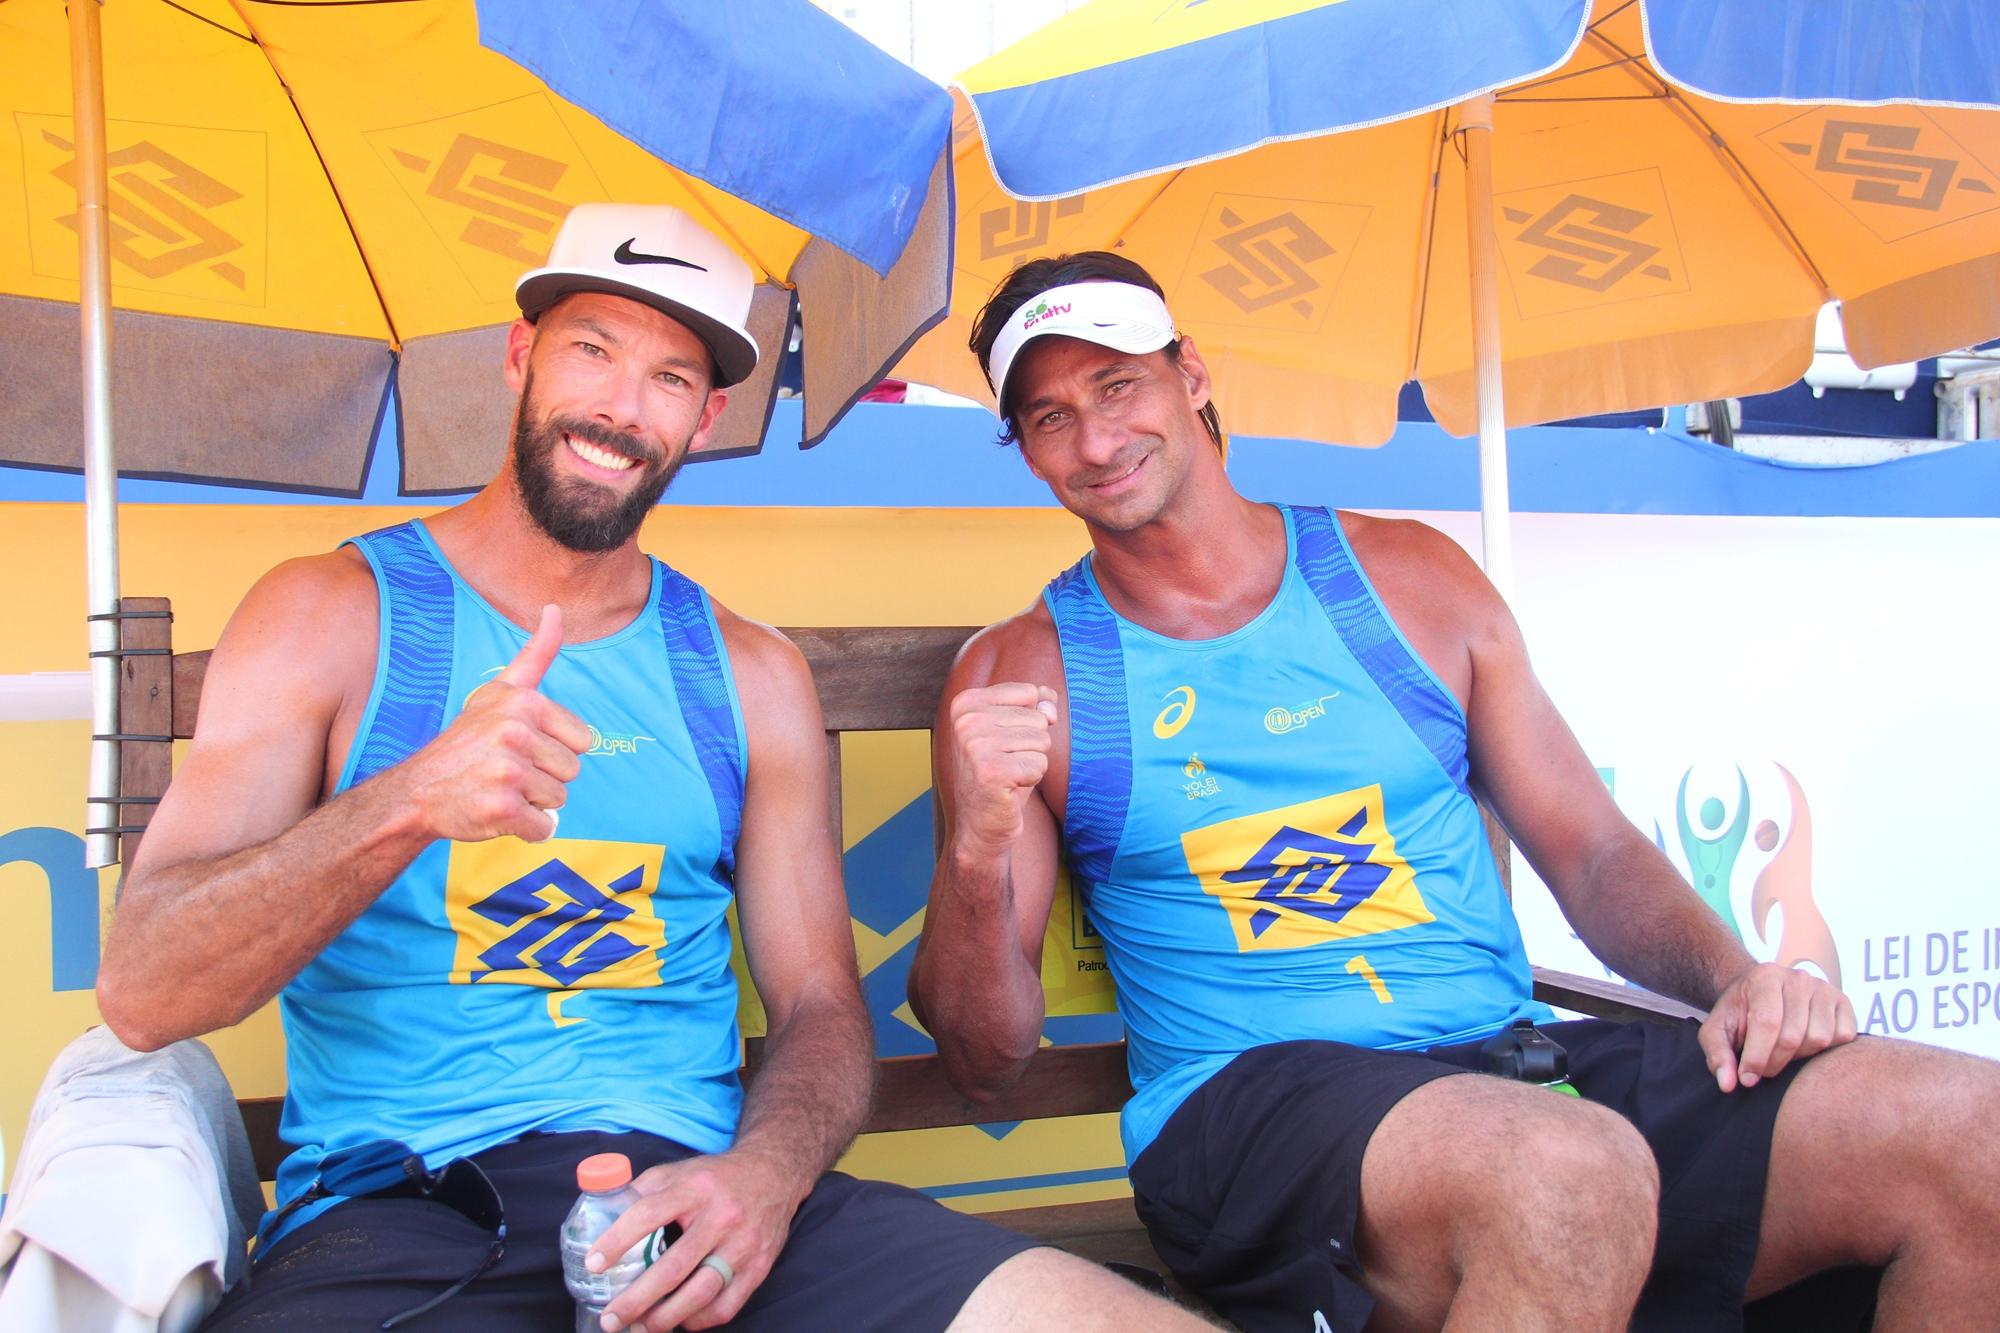 Campeão olímpico Ricardo projeta evolução em dupla com norte-americano  Priddy bba0a2304f7cd